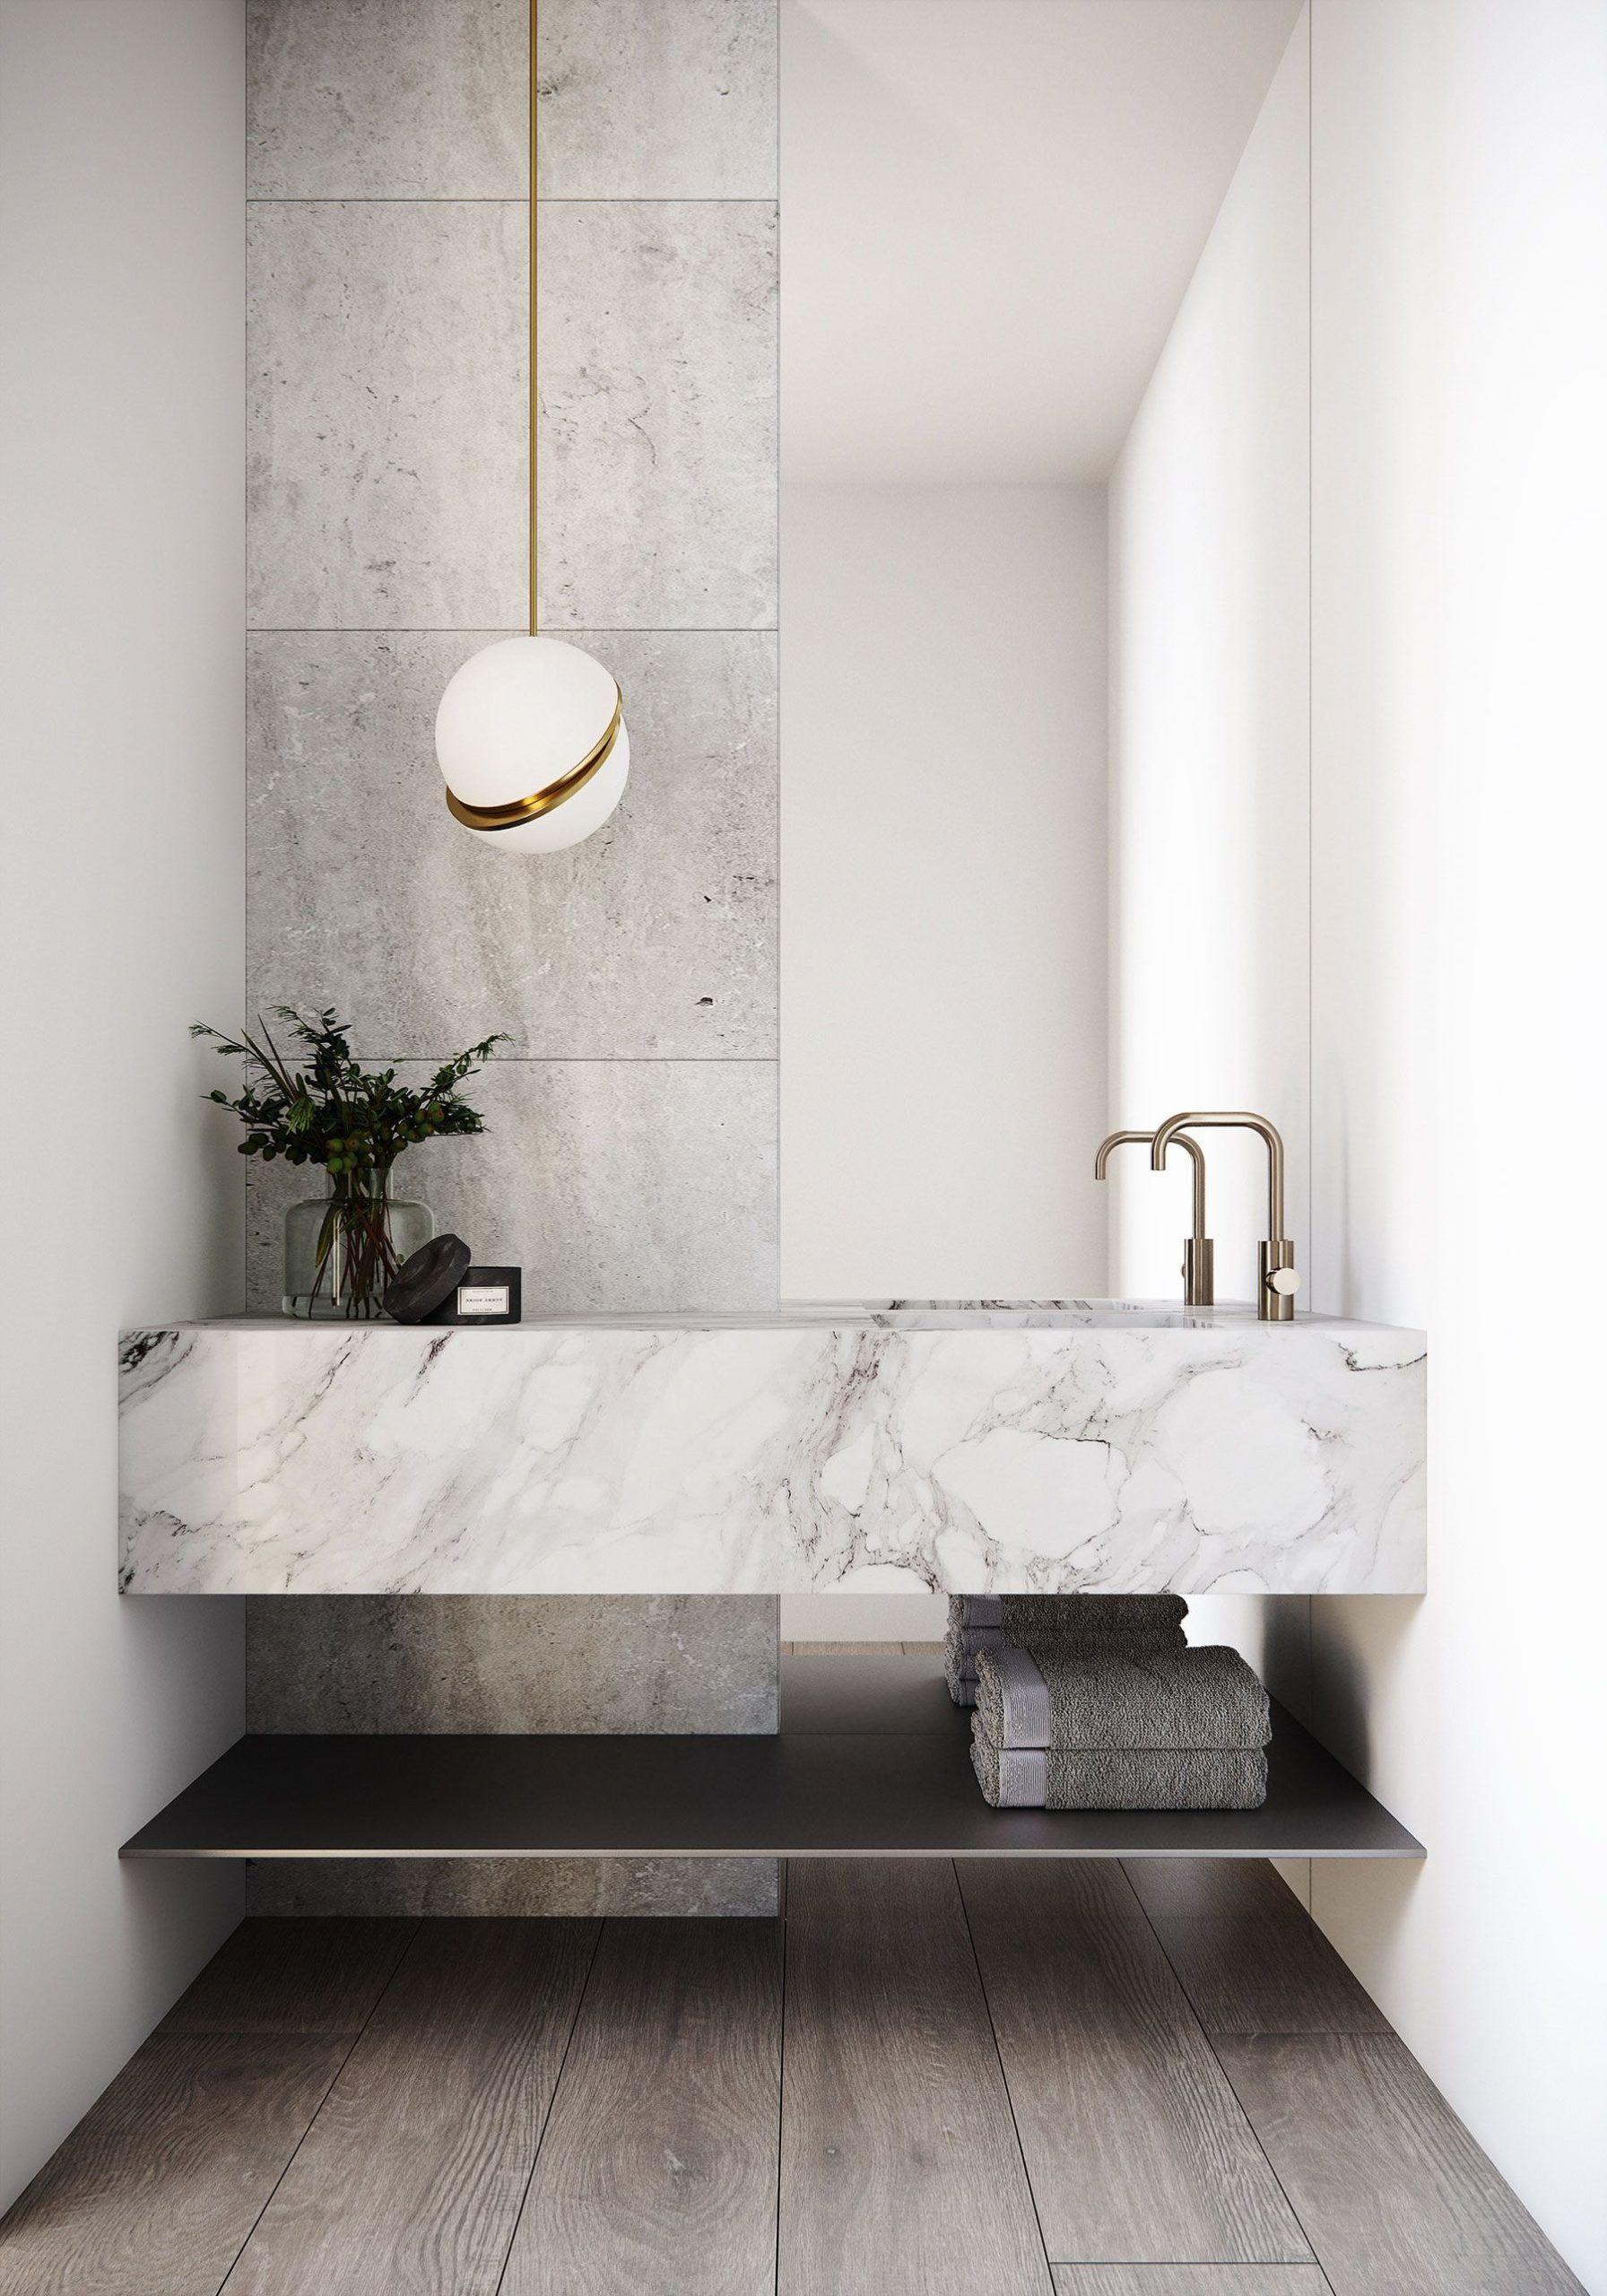 Bathroom Detail In 2020 Moderne Inneneinrichtung Inneneinrichtung Badezimmer Einrichtung